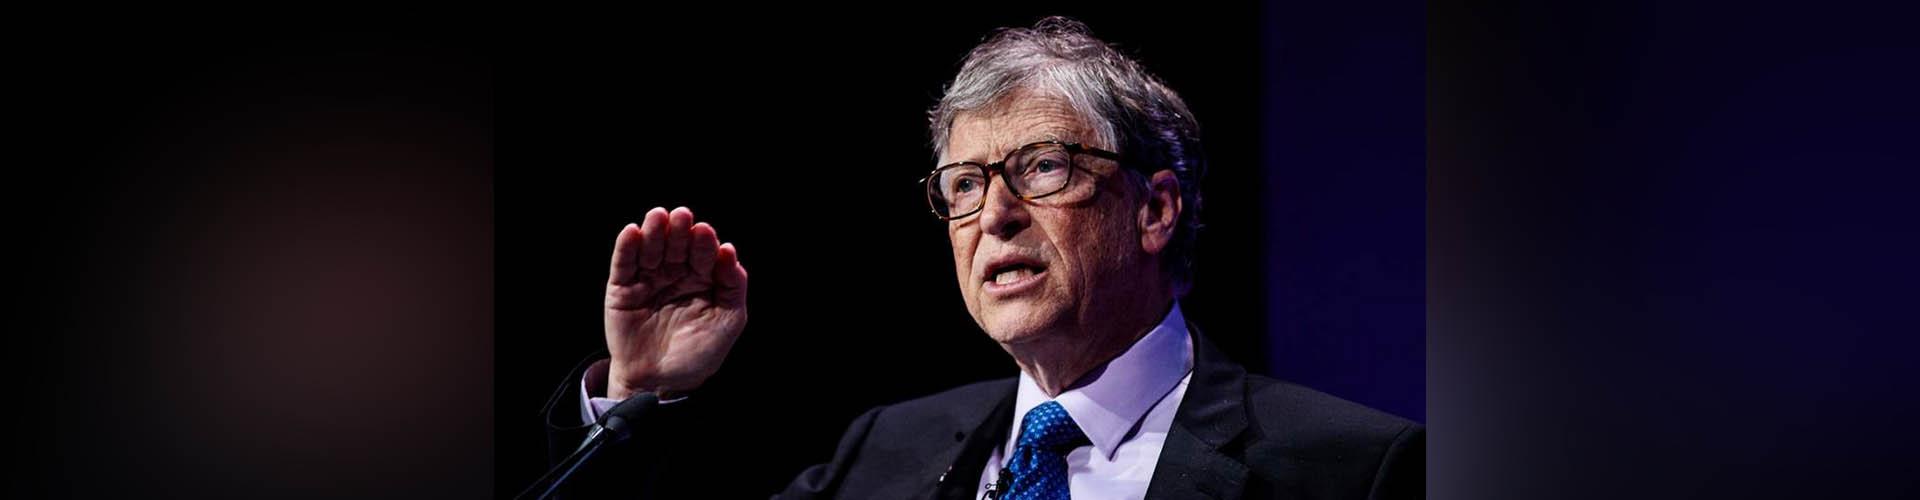 El ambicioso proyecto financiado por Bill Gates: tapar el sol para enfriar el planeta